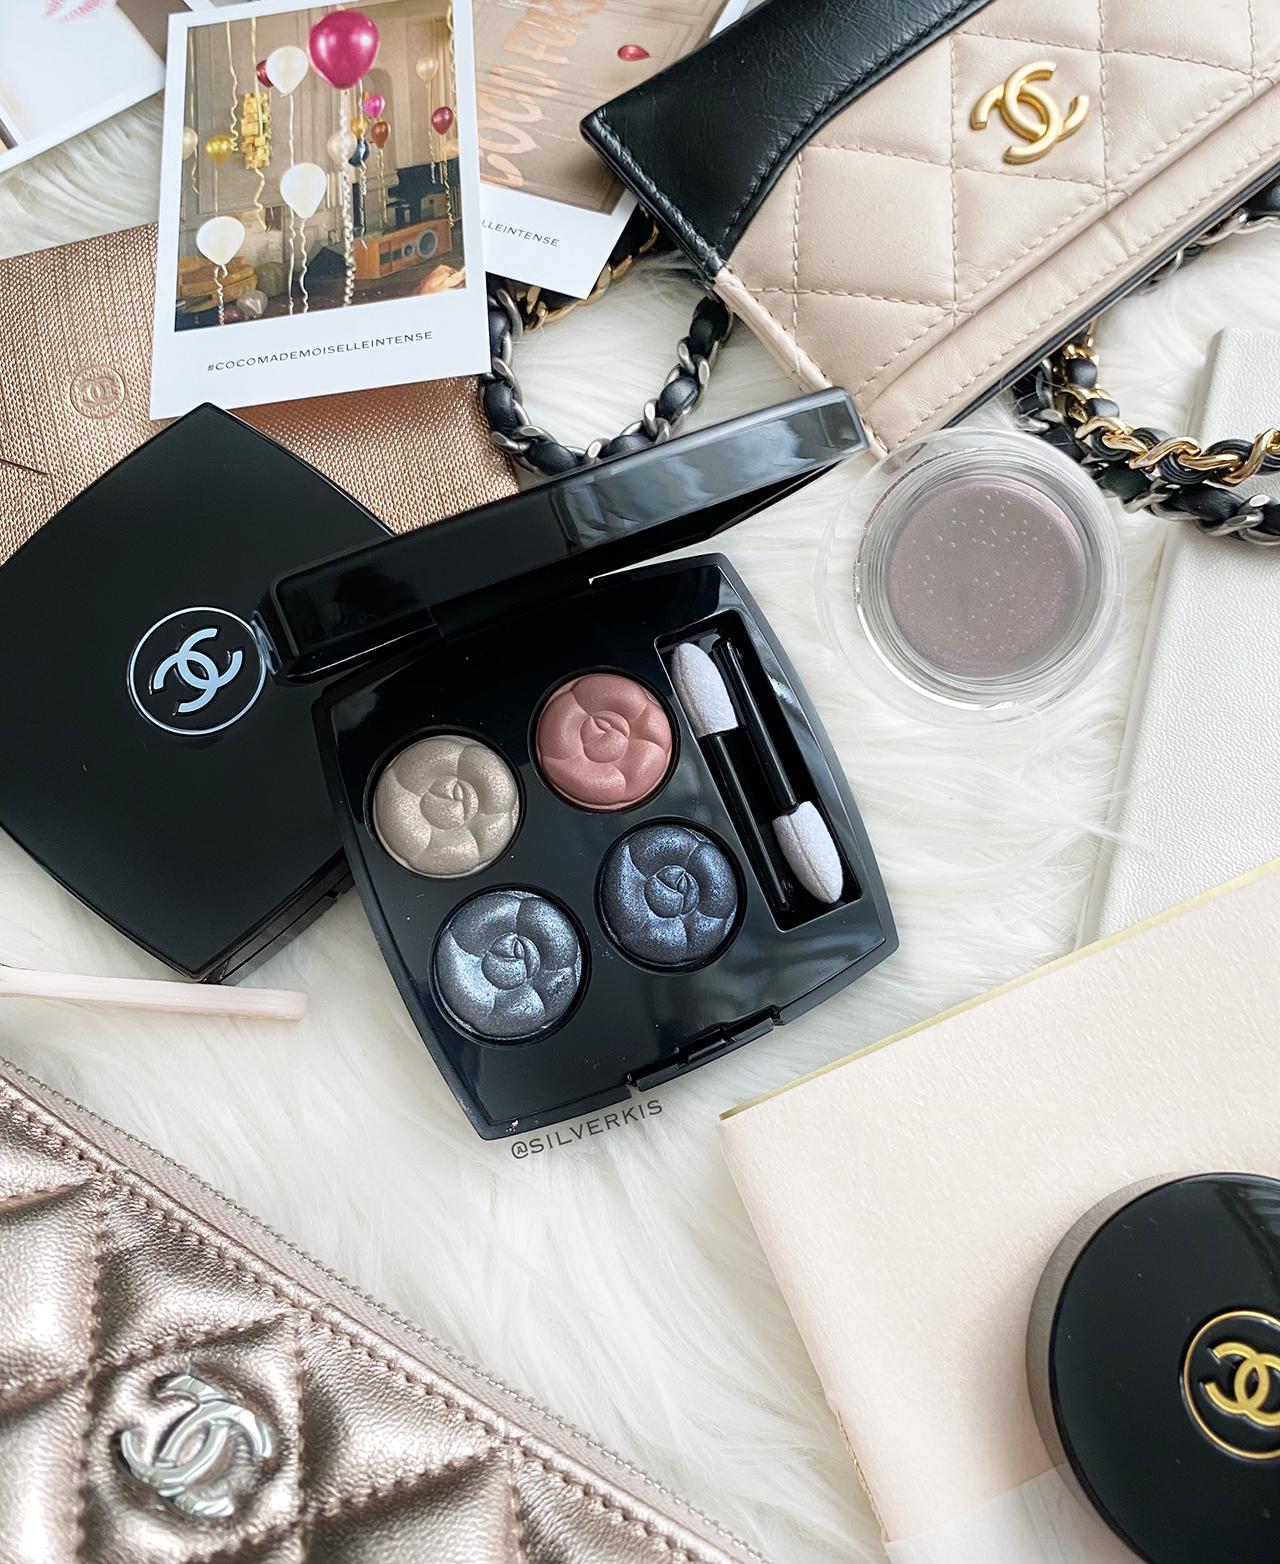 Chanel Les 4 Ombres Au Fil de L'Eau